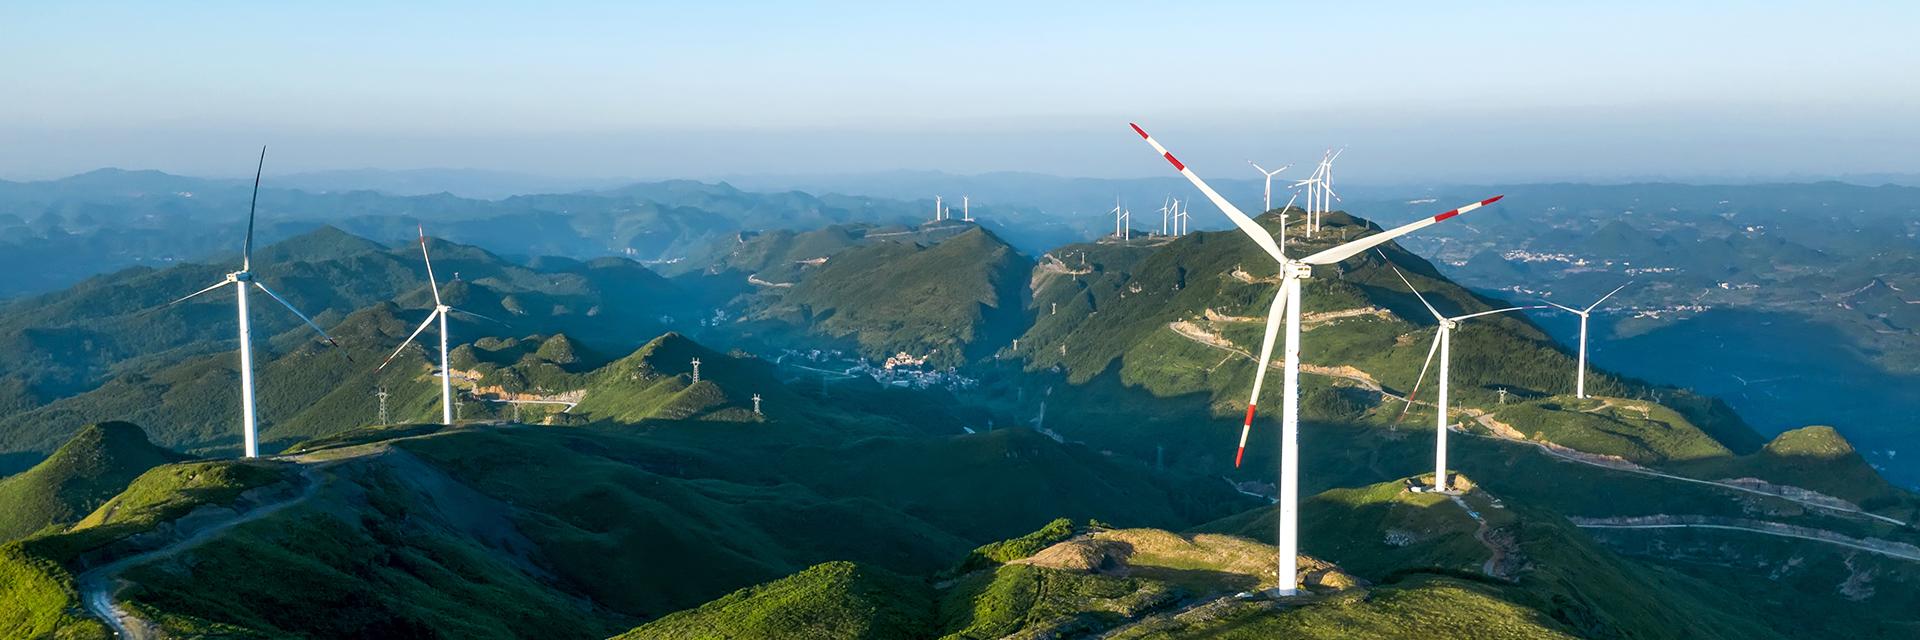 利川中槽风电场